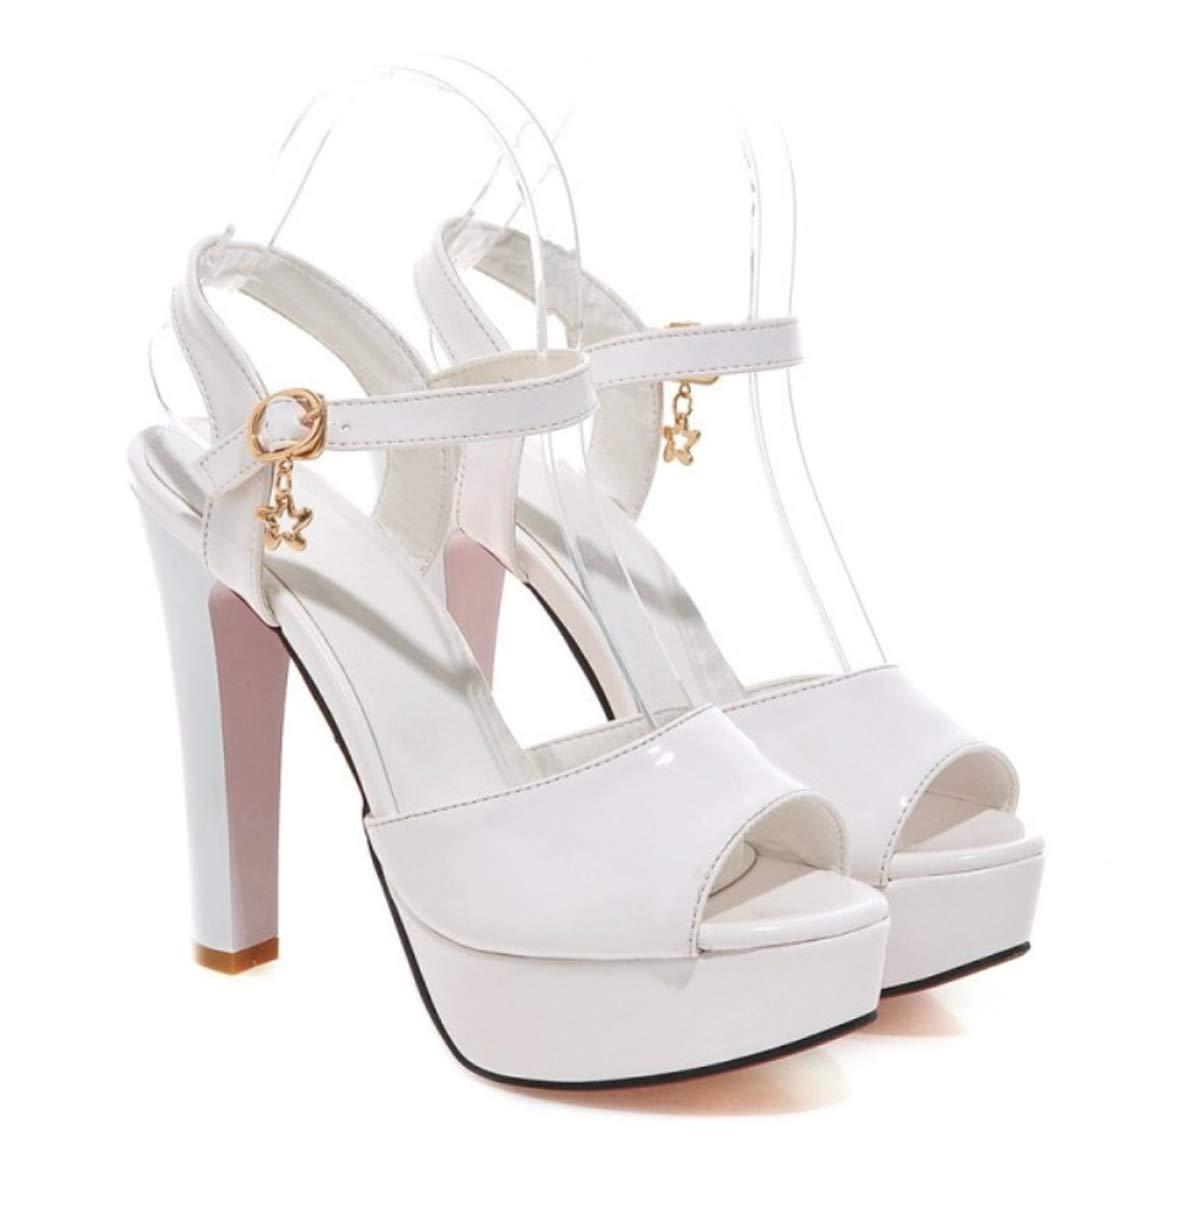 HBDLH Damenschuhe/Im Sommer 12Cm High Heels Modische Schuhe Schuhe und Sandaleen Fisch Im Mund Süße.